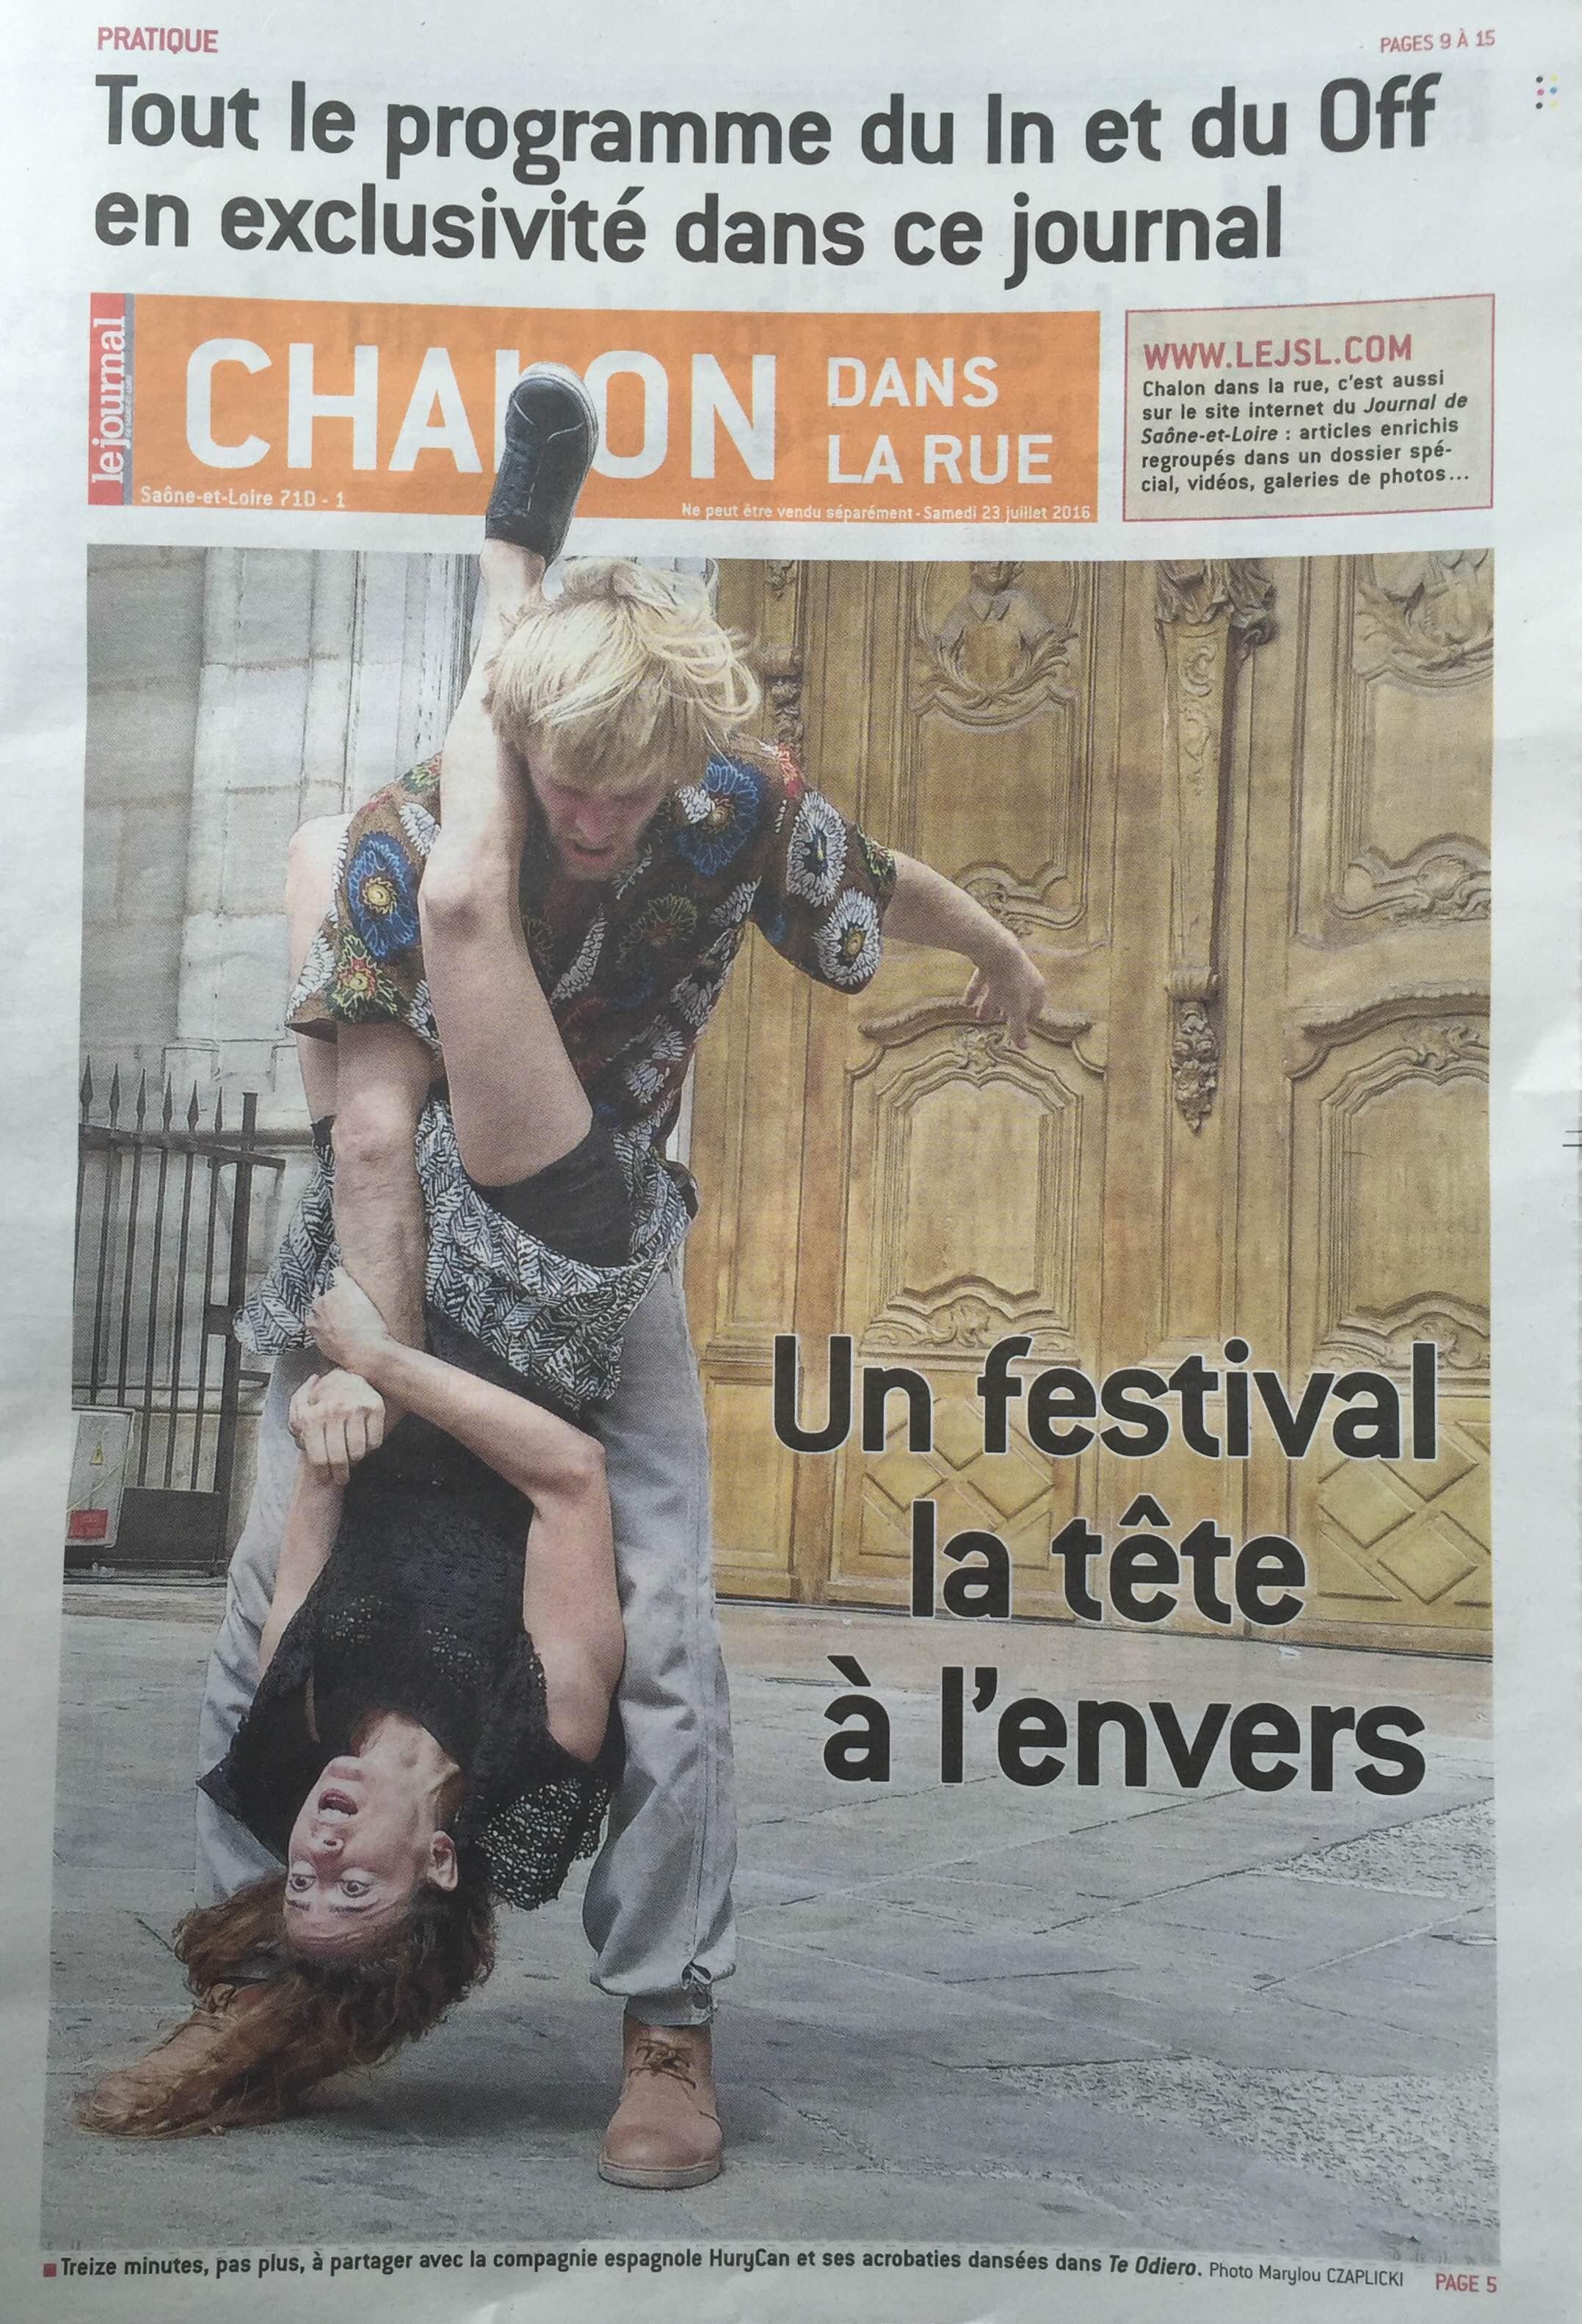 Le Journal de Saóne et Loire